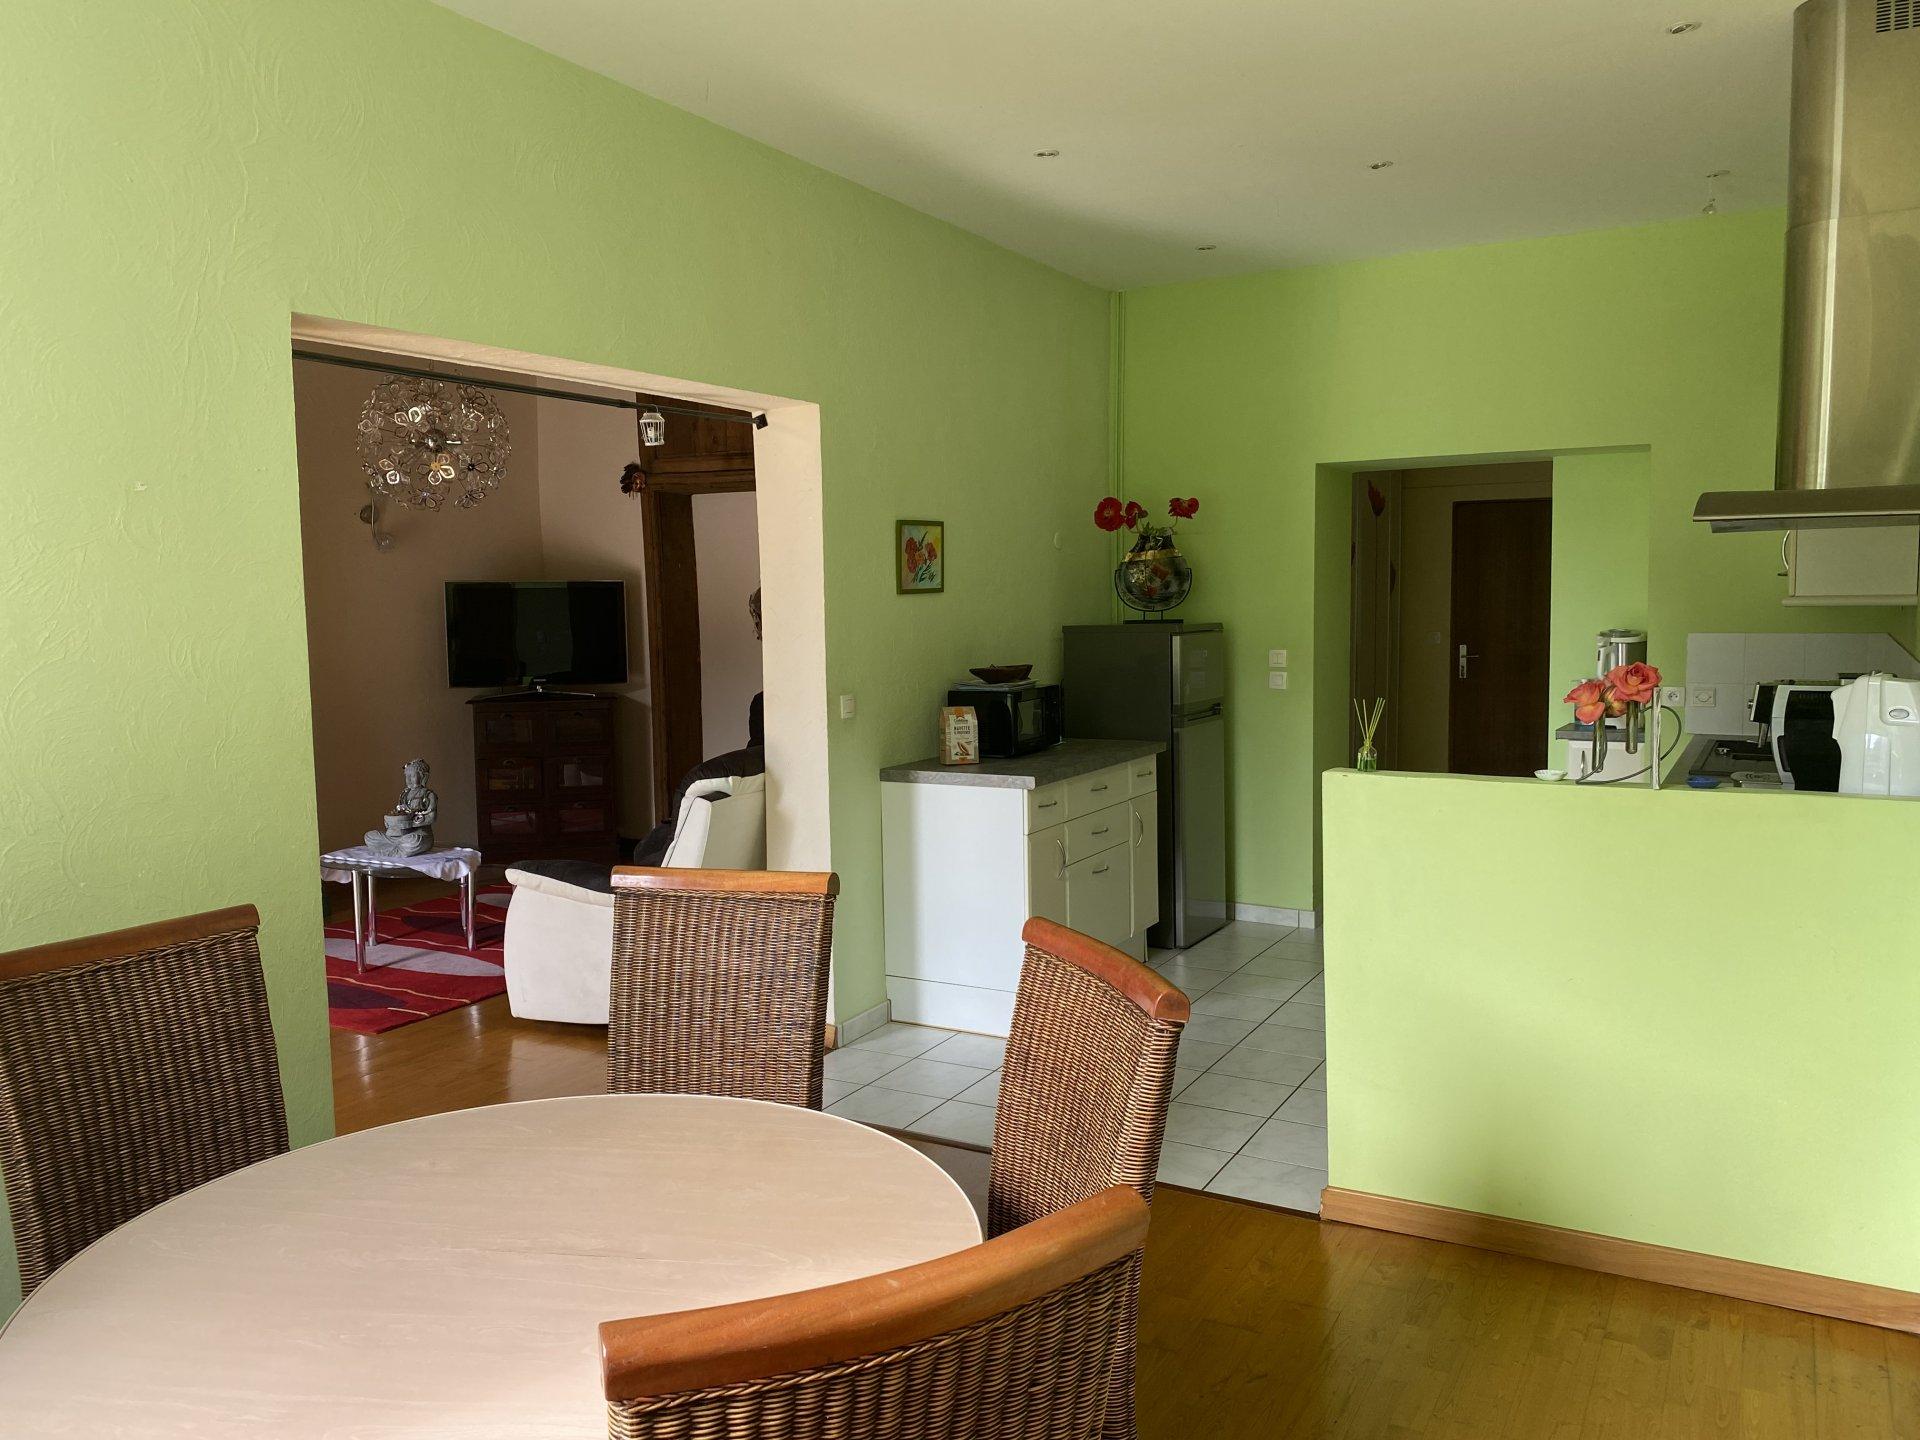 ESTRABLIN, Appartement T3 de 82.5m² en rez-de-jardin avec un garage et une cave